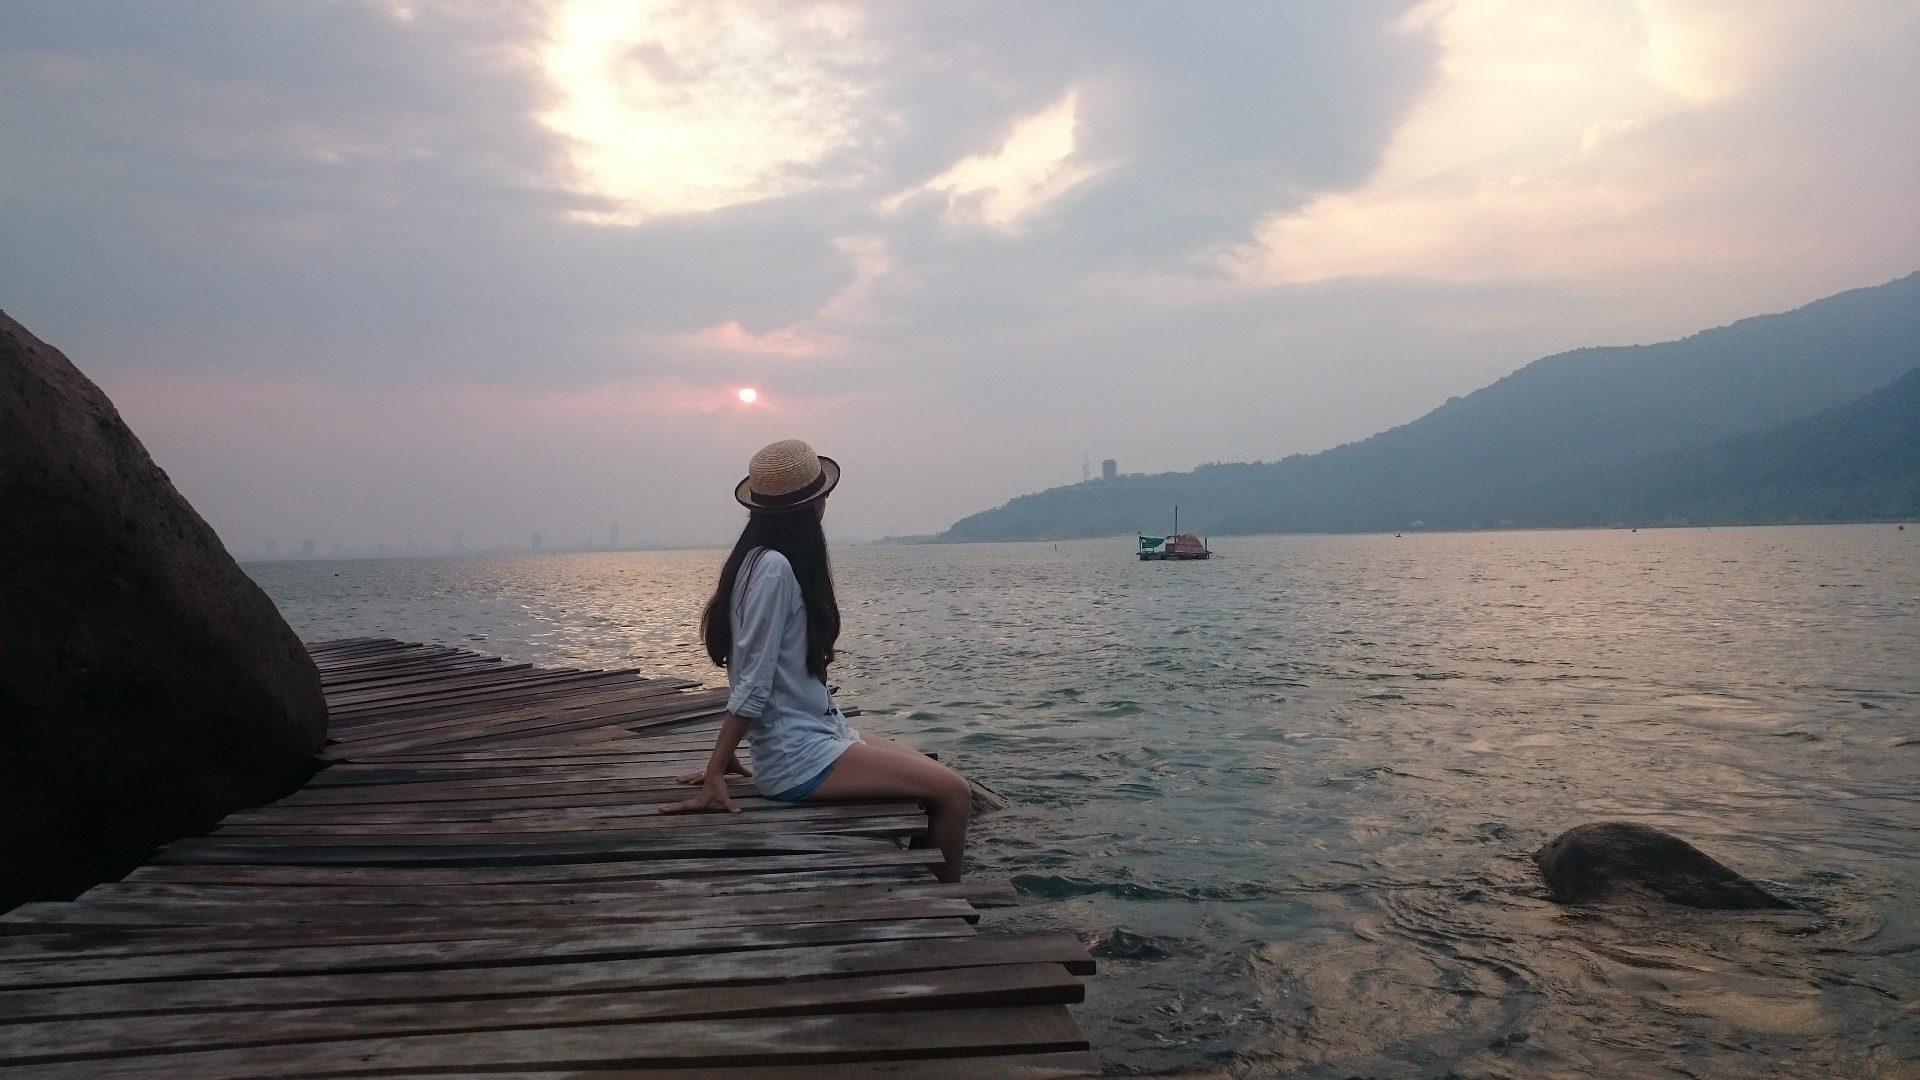 jeune fille, femme, Mer, Coucher de soleil, se détendre, eau, Montañas - Fonds d'écran HD - Professor-falken.com